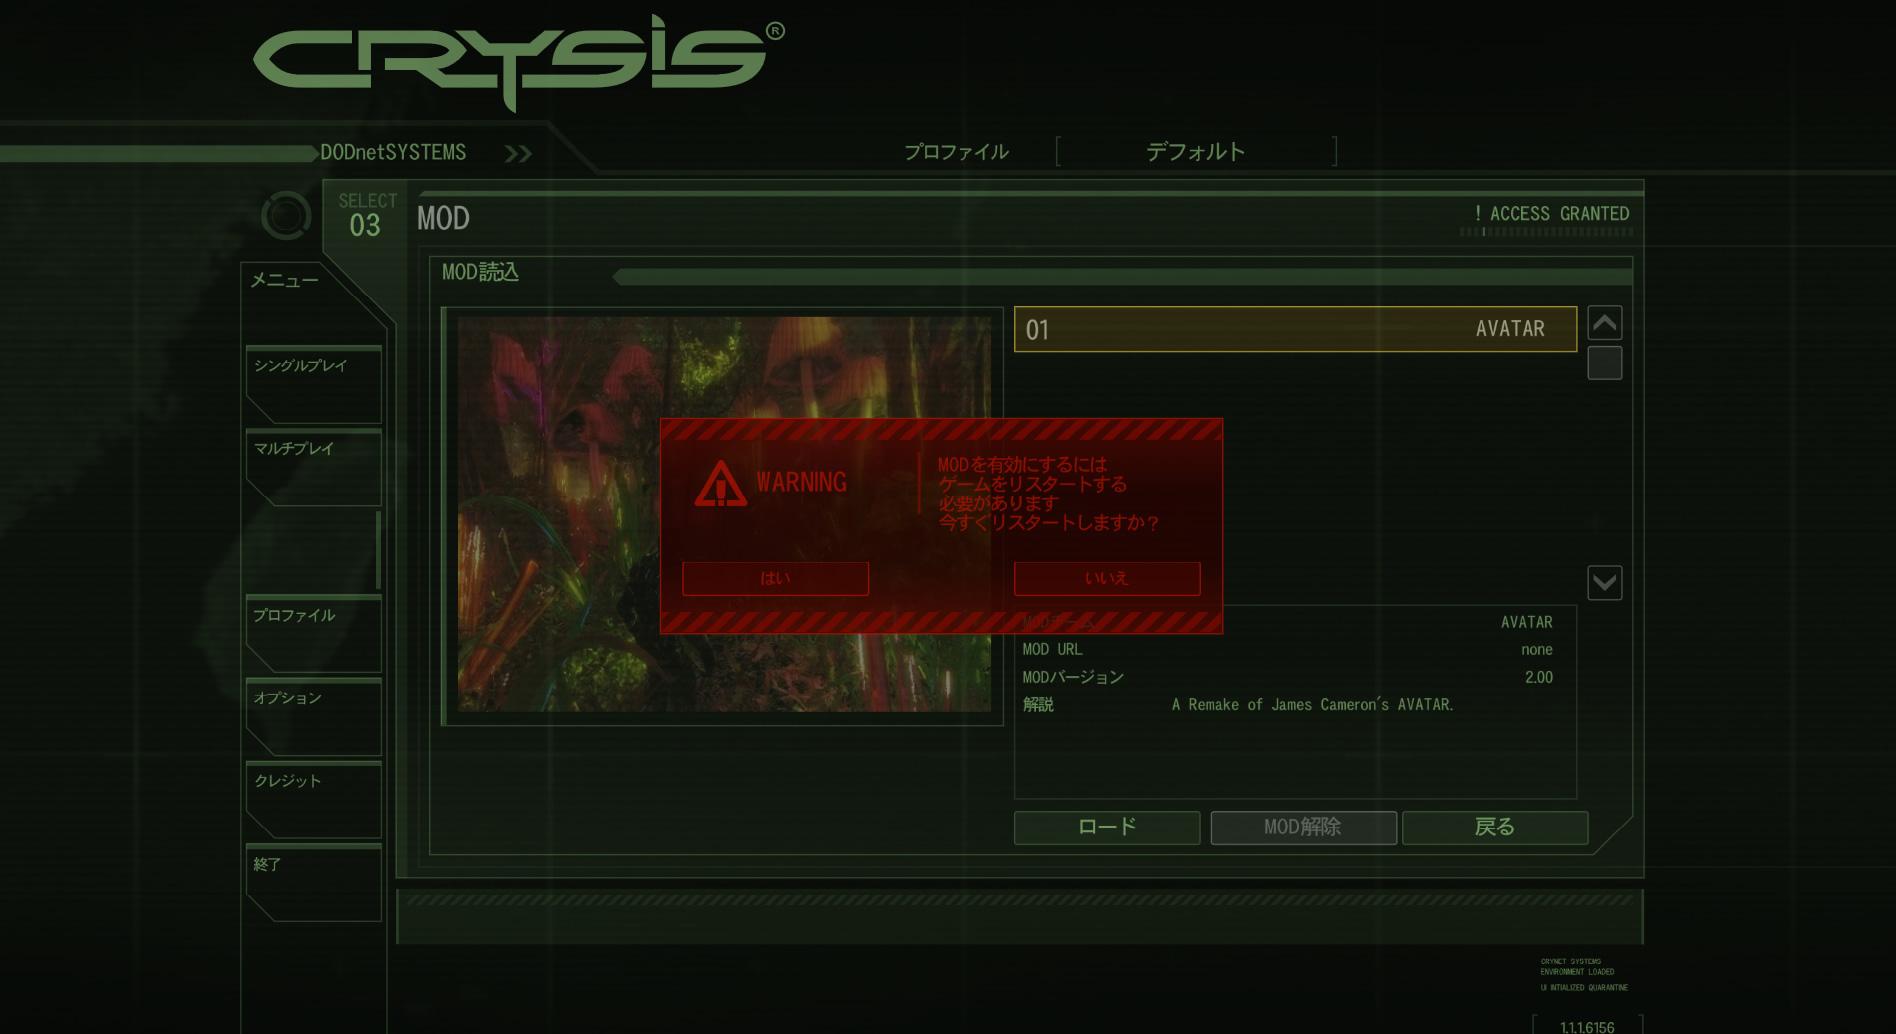 crysis-avatar3